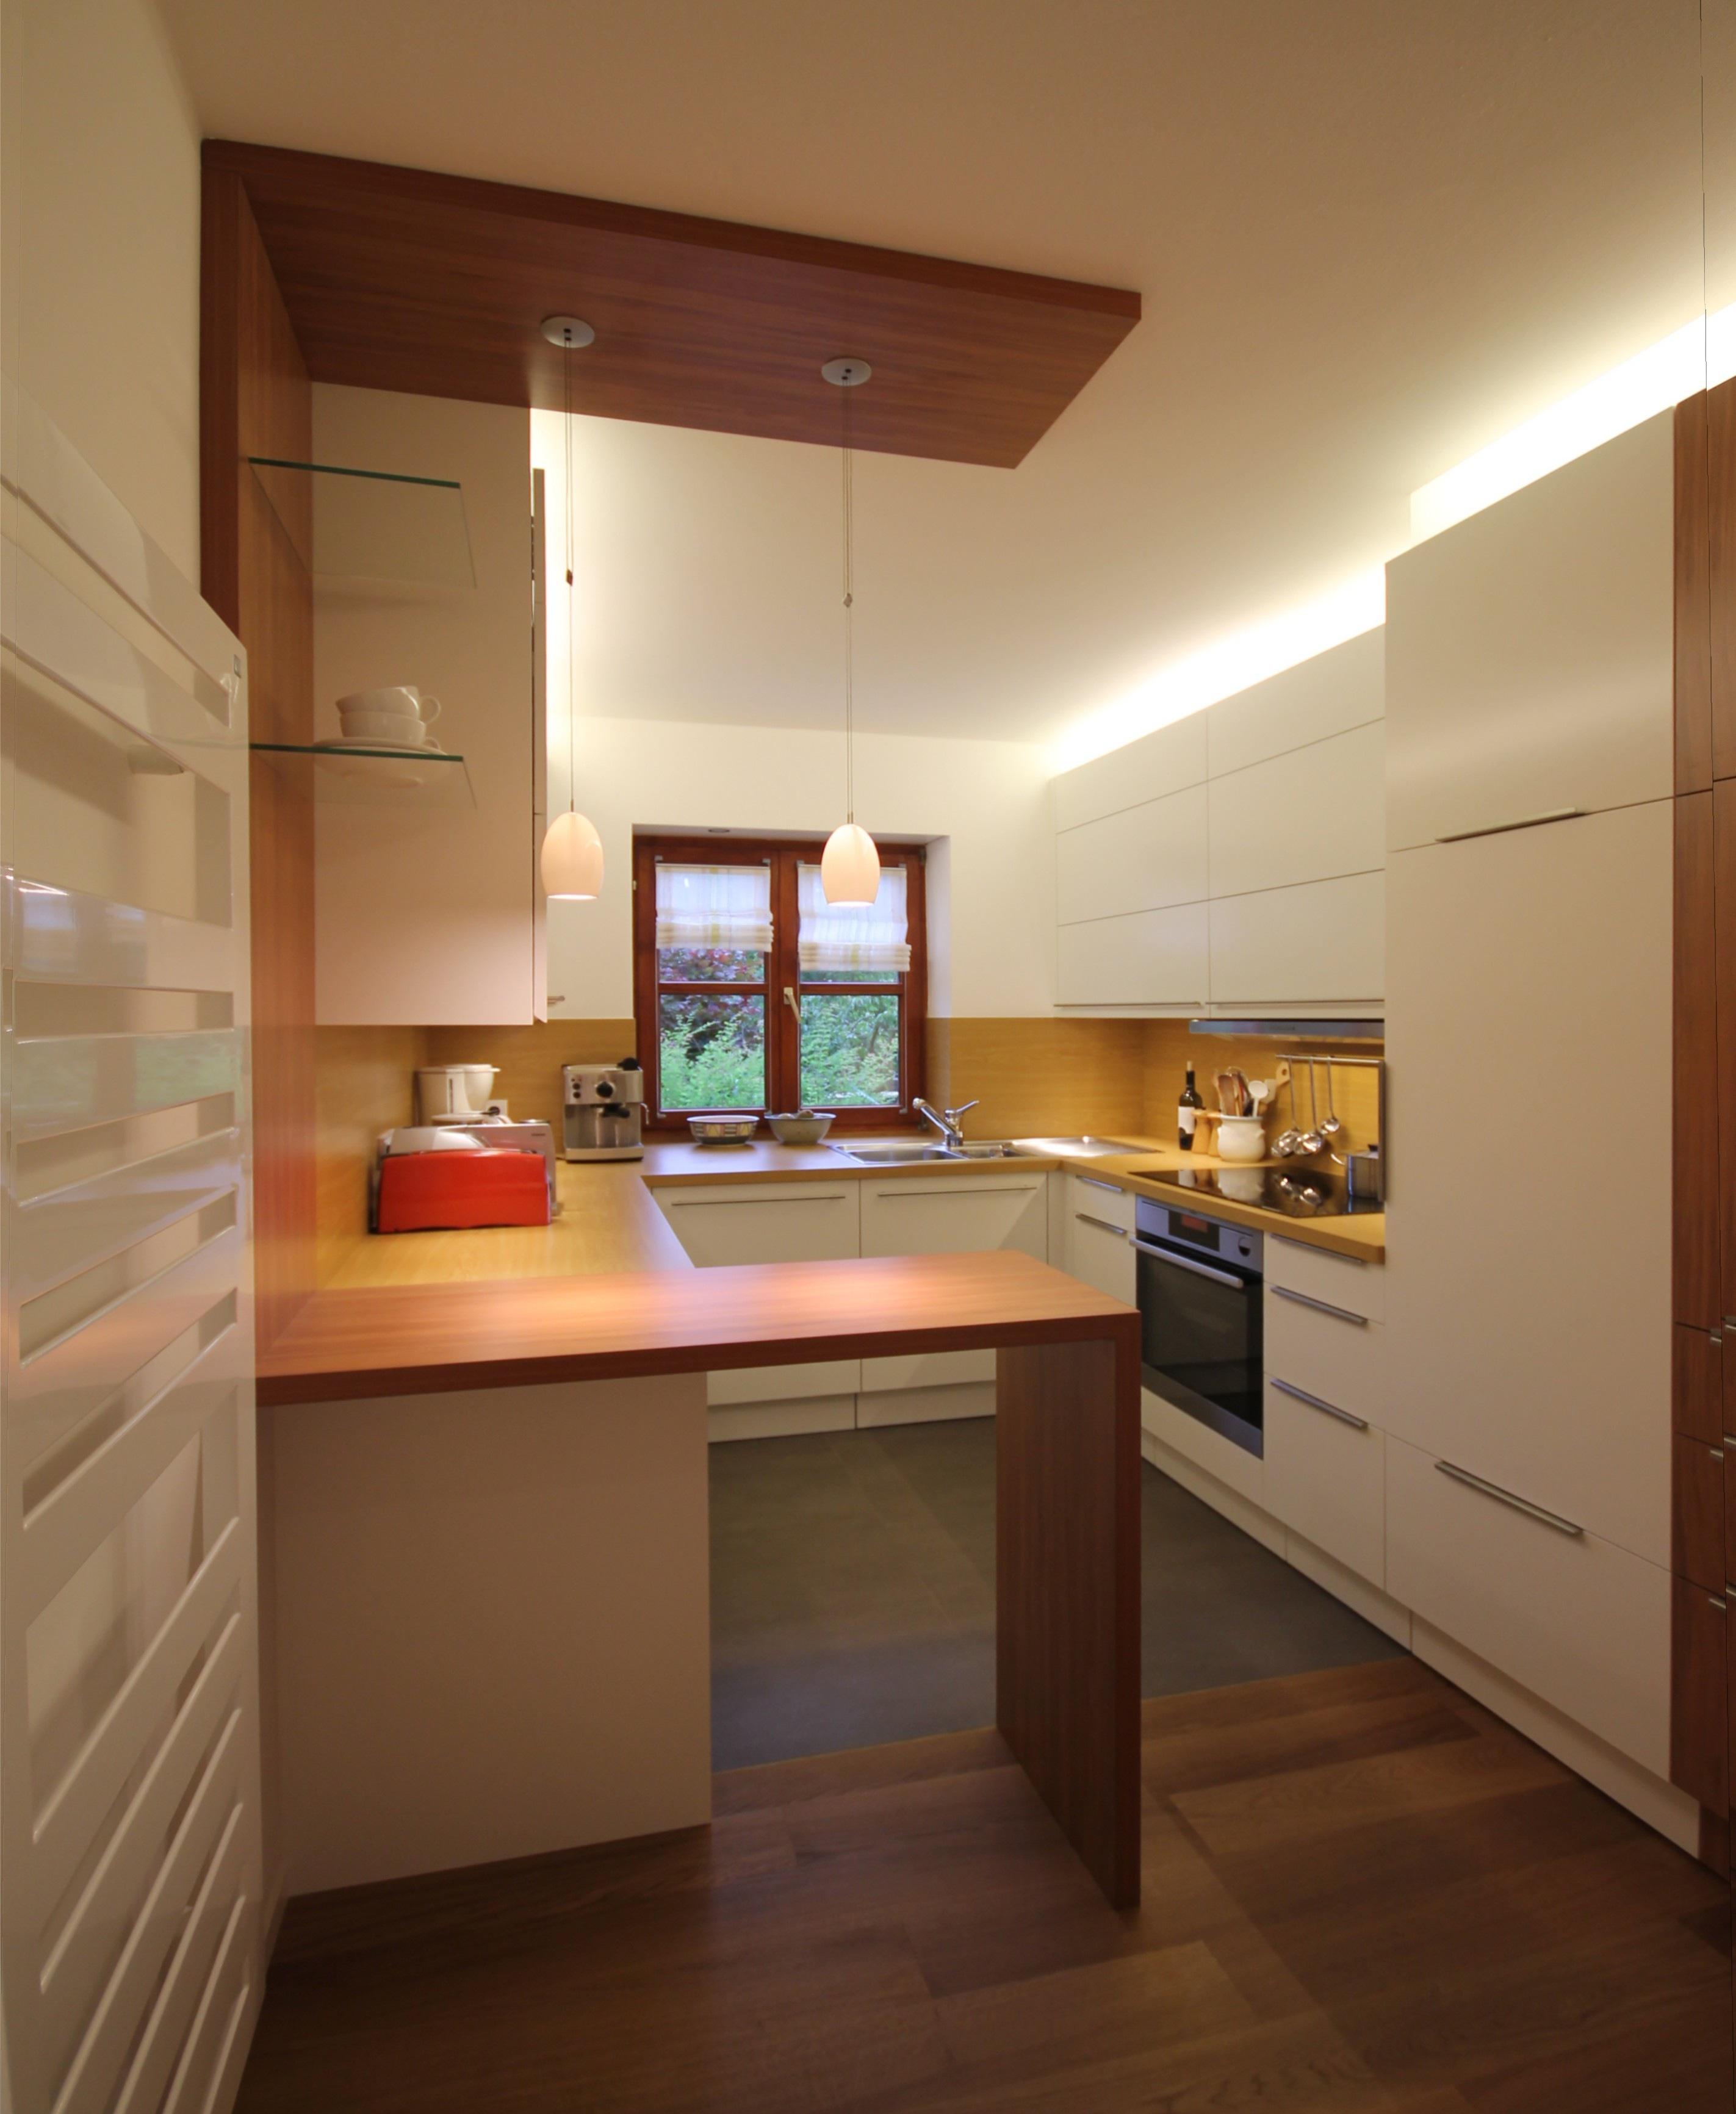 küchen – eswerderaum